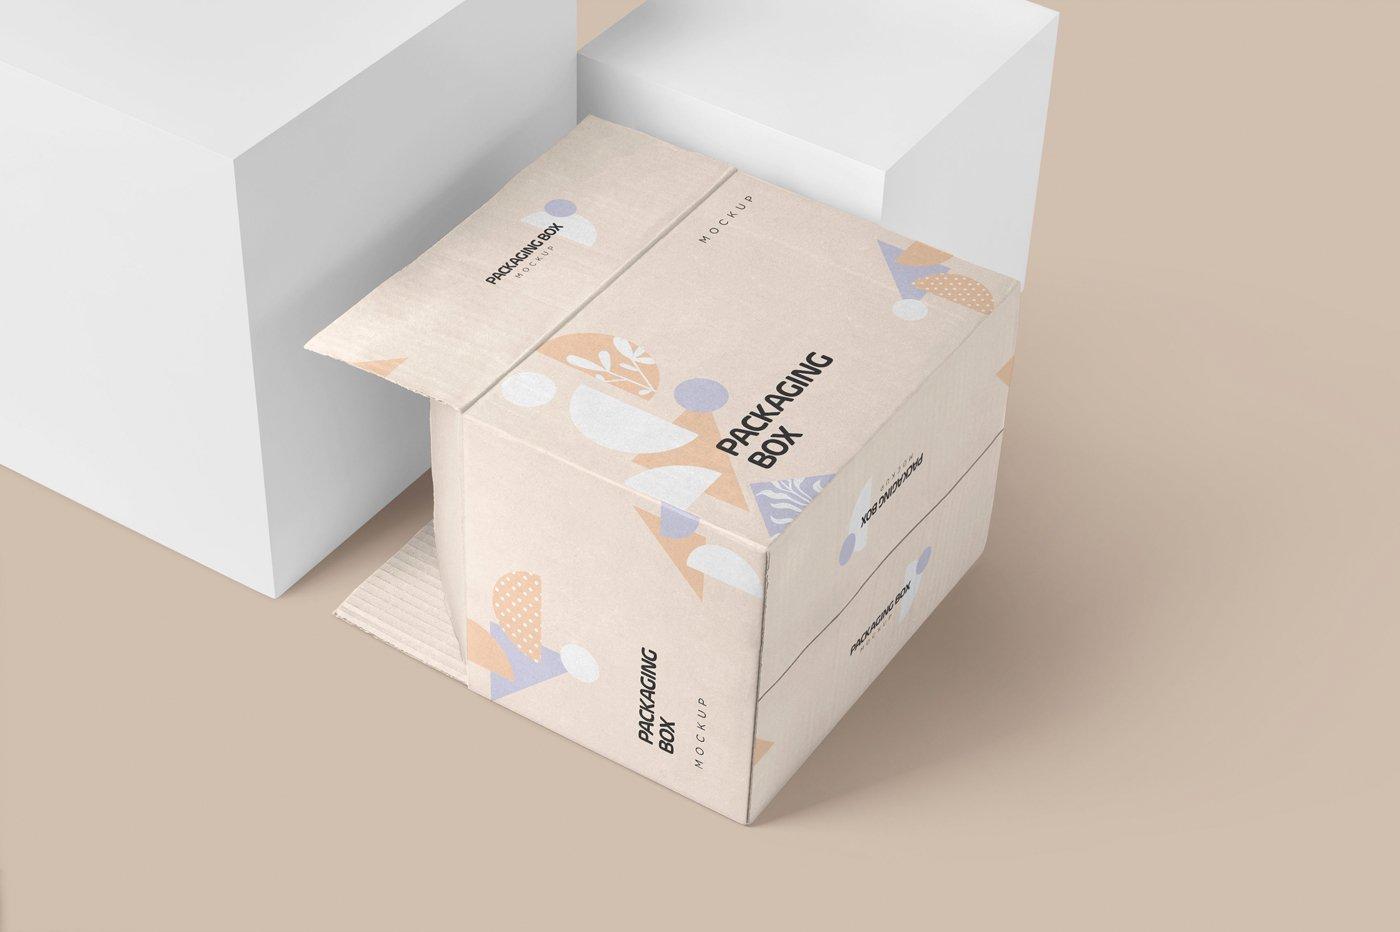 矩形瓦楞硬纸板快递包装箱设计展示样机 Rectangular Cardboard Box Mockups插图(2)